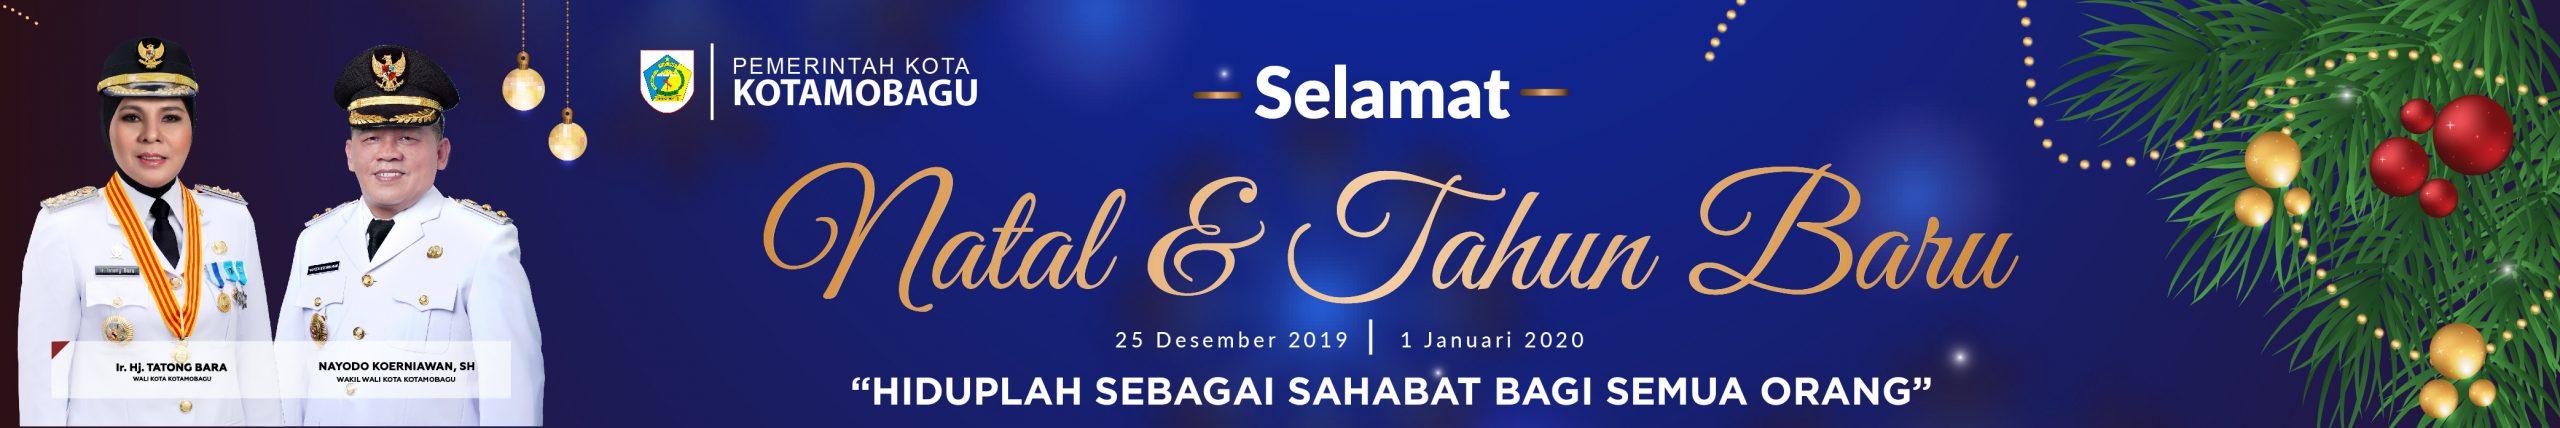 iklan Hari Pahlawan 10 November 2019 Pemkot Kotamobagu